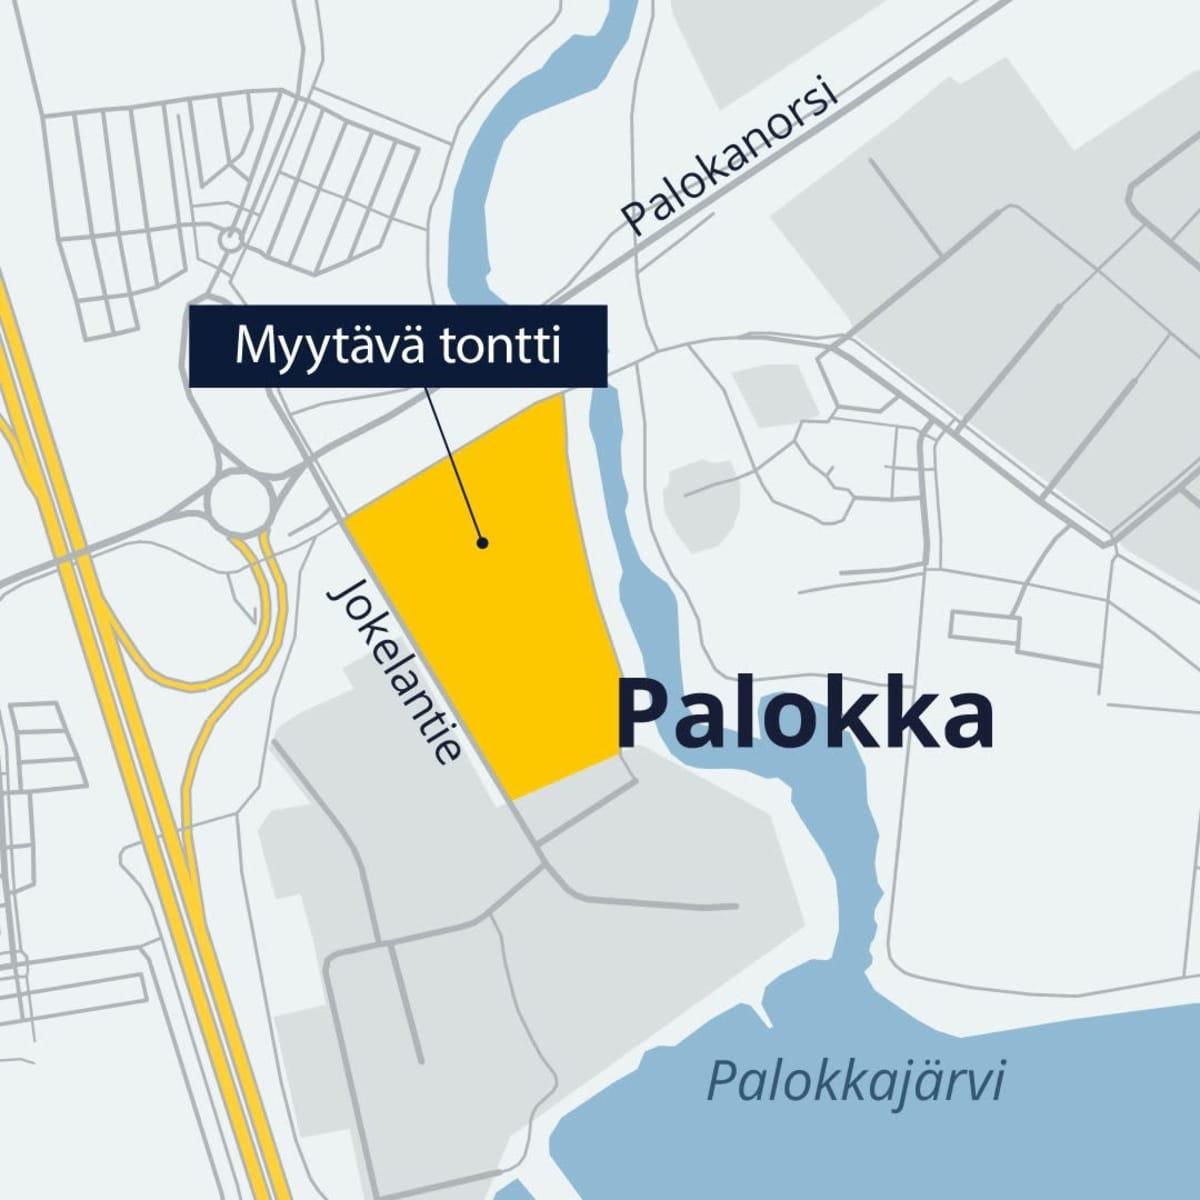 Karttakuvan keskellä näkyy keltaisena kahden hehtaarin tyhjä tontti Pappilanjoen varressa Palokassa.